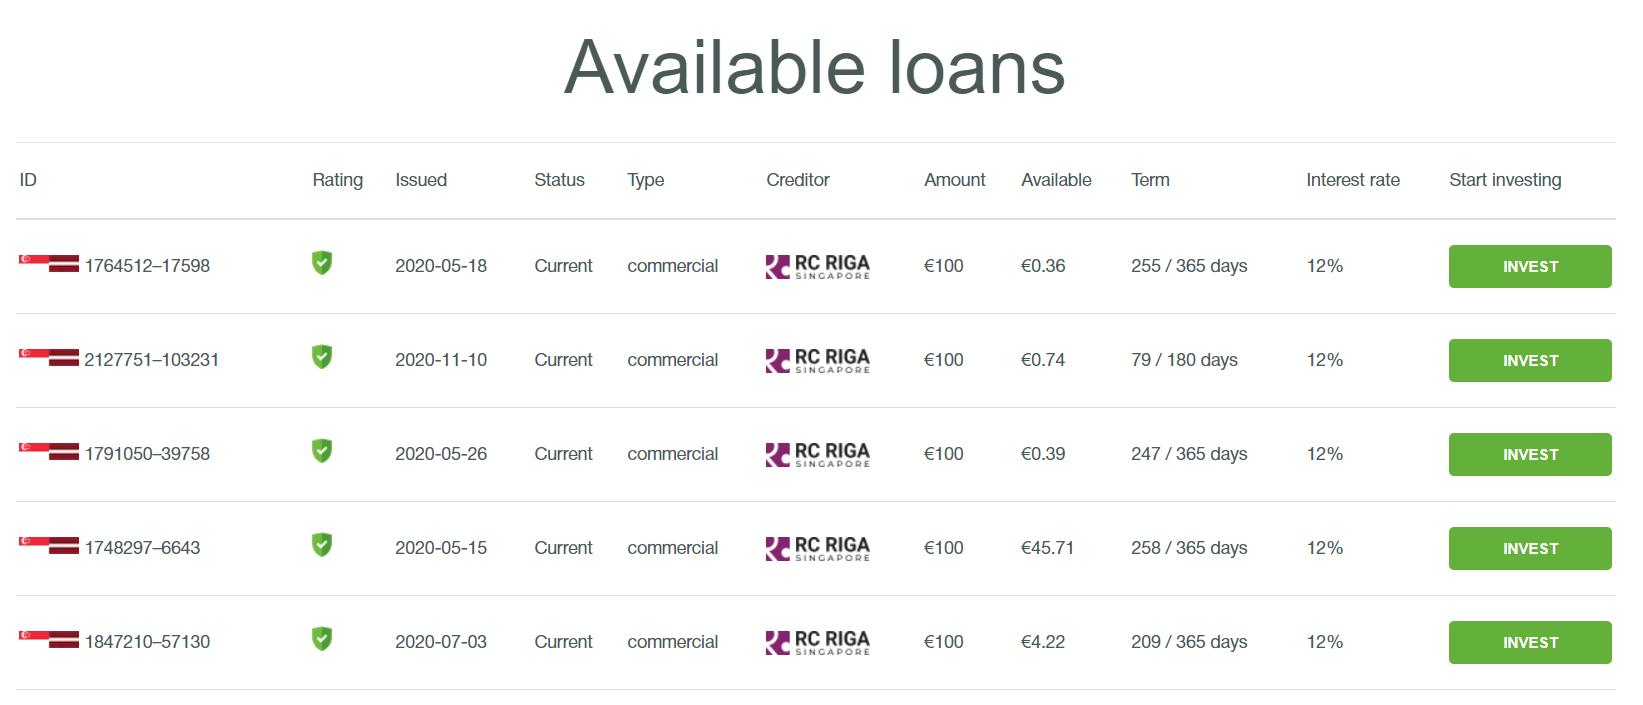 prestiti disponibili p2p